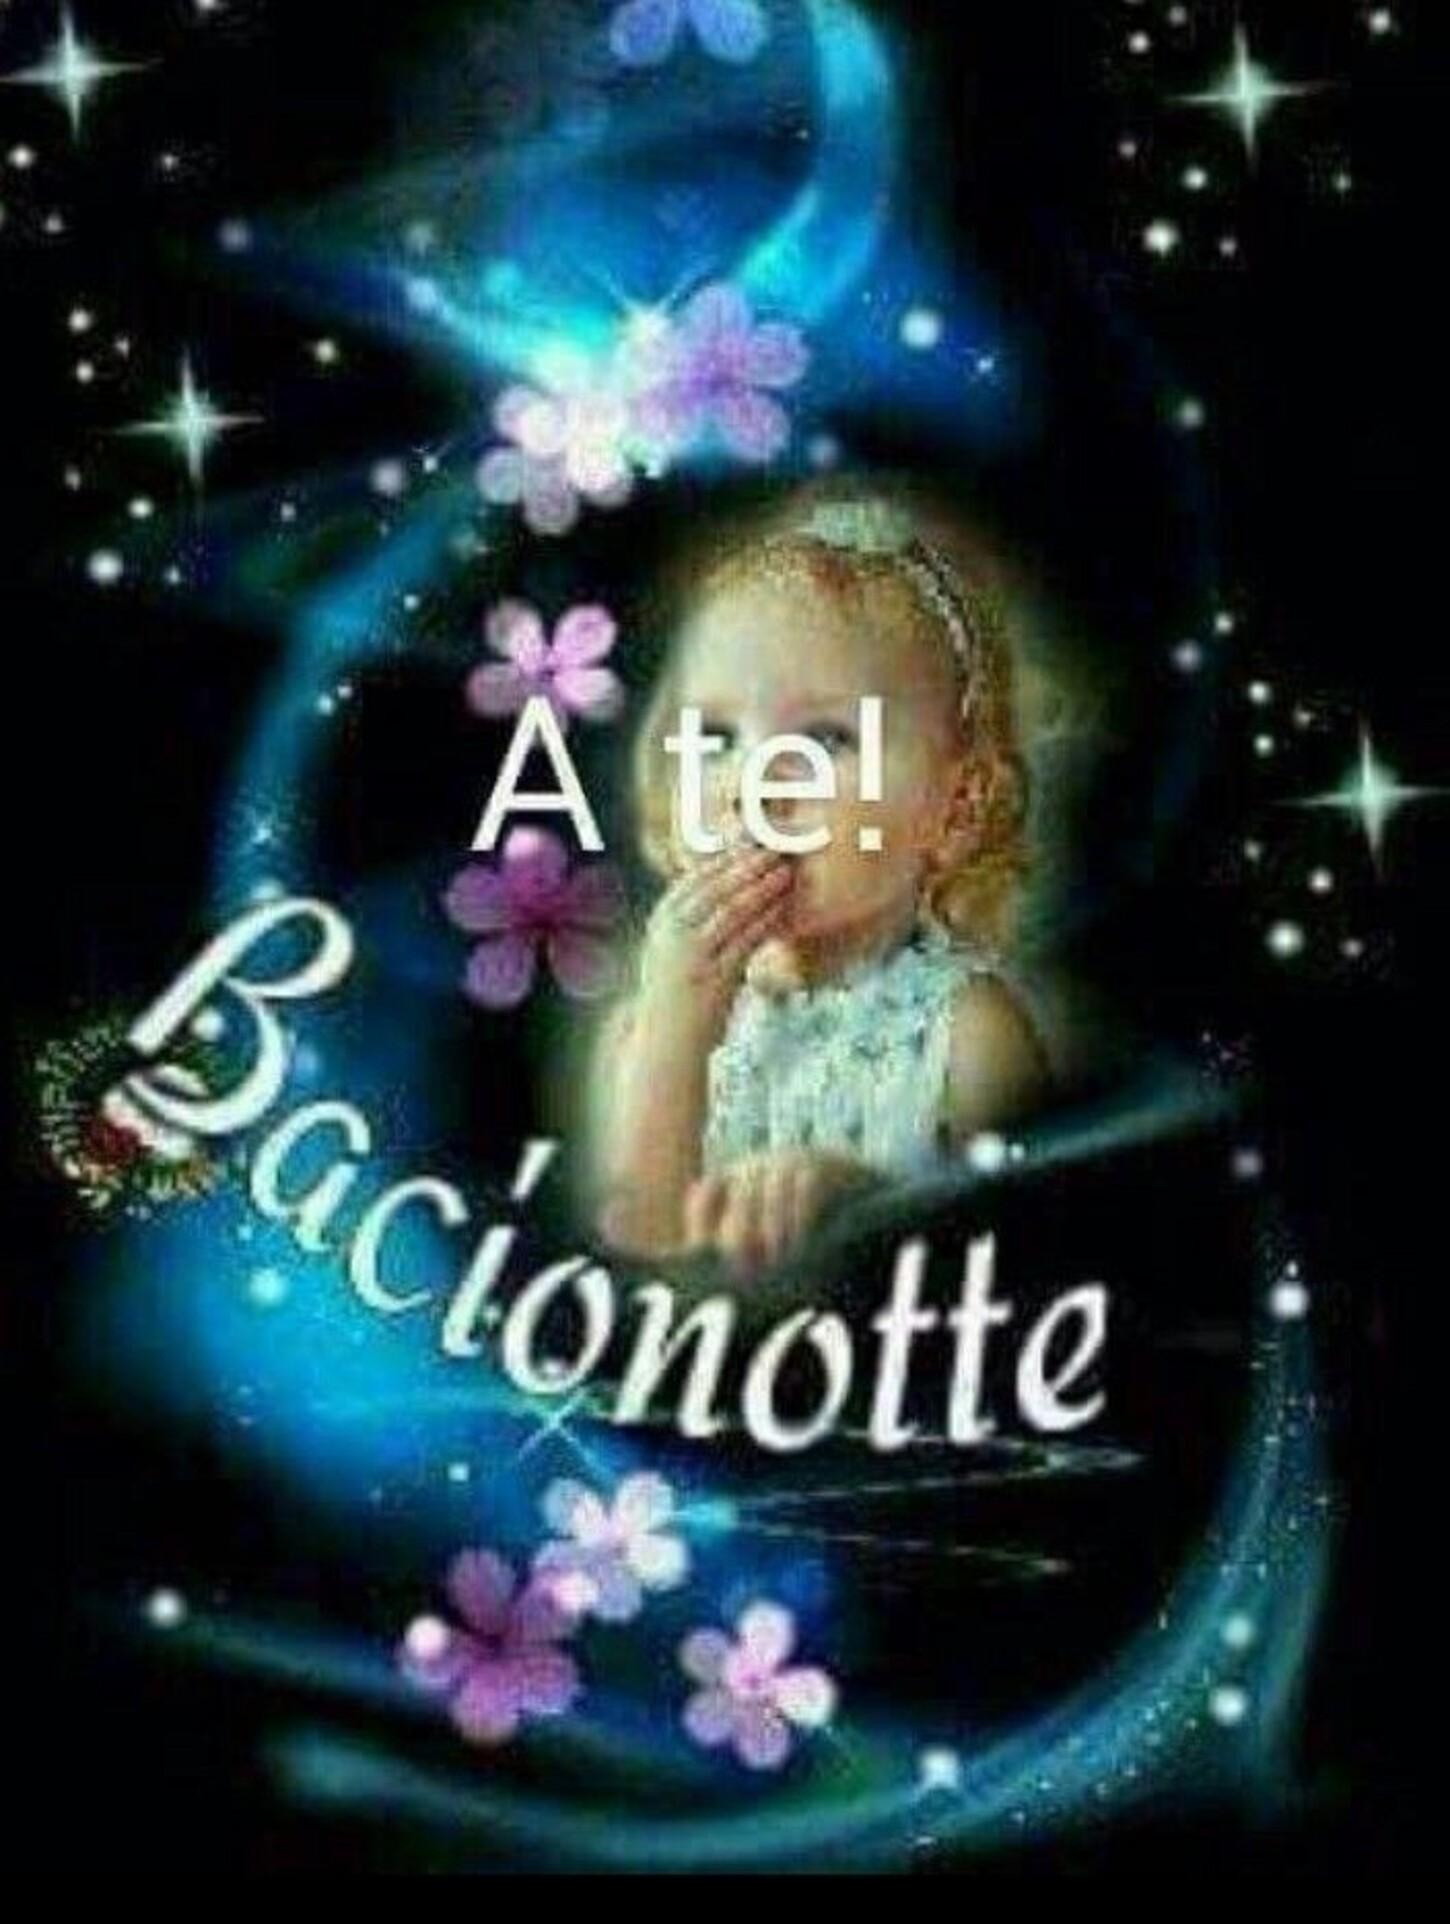 A Te! Bacionotte